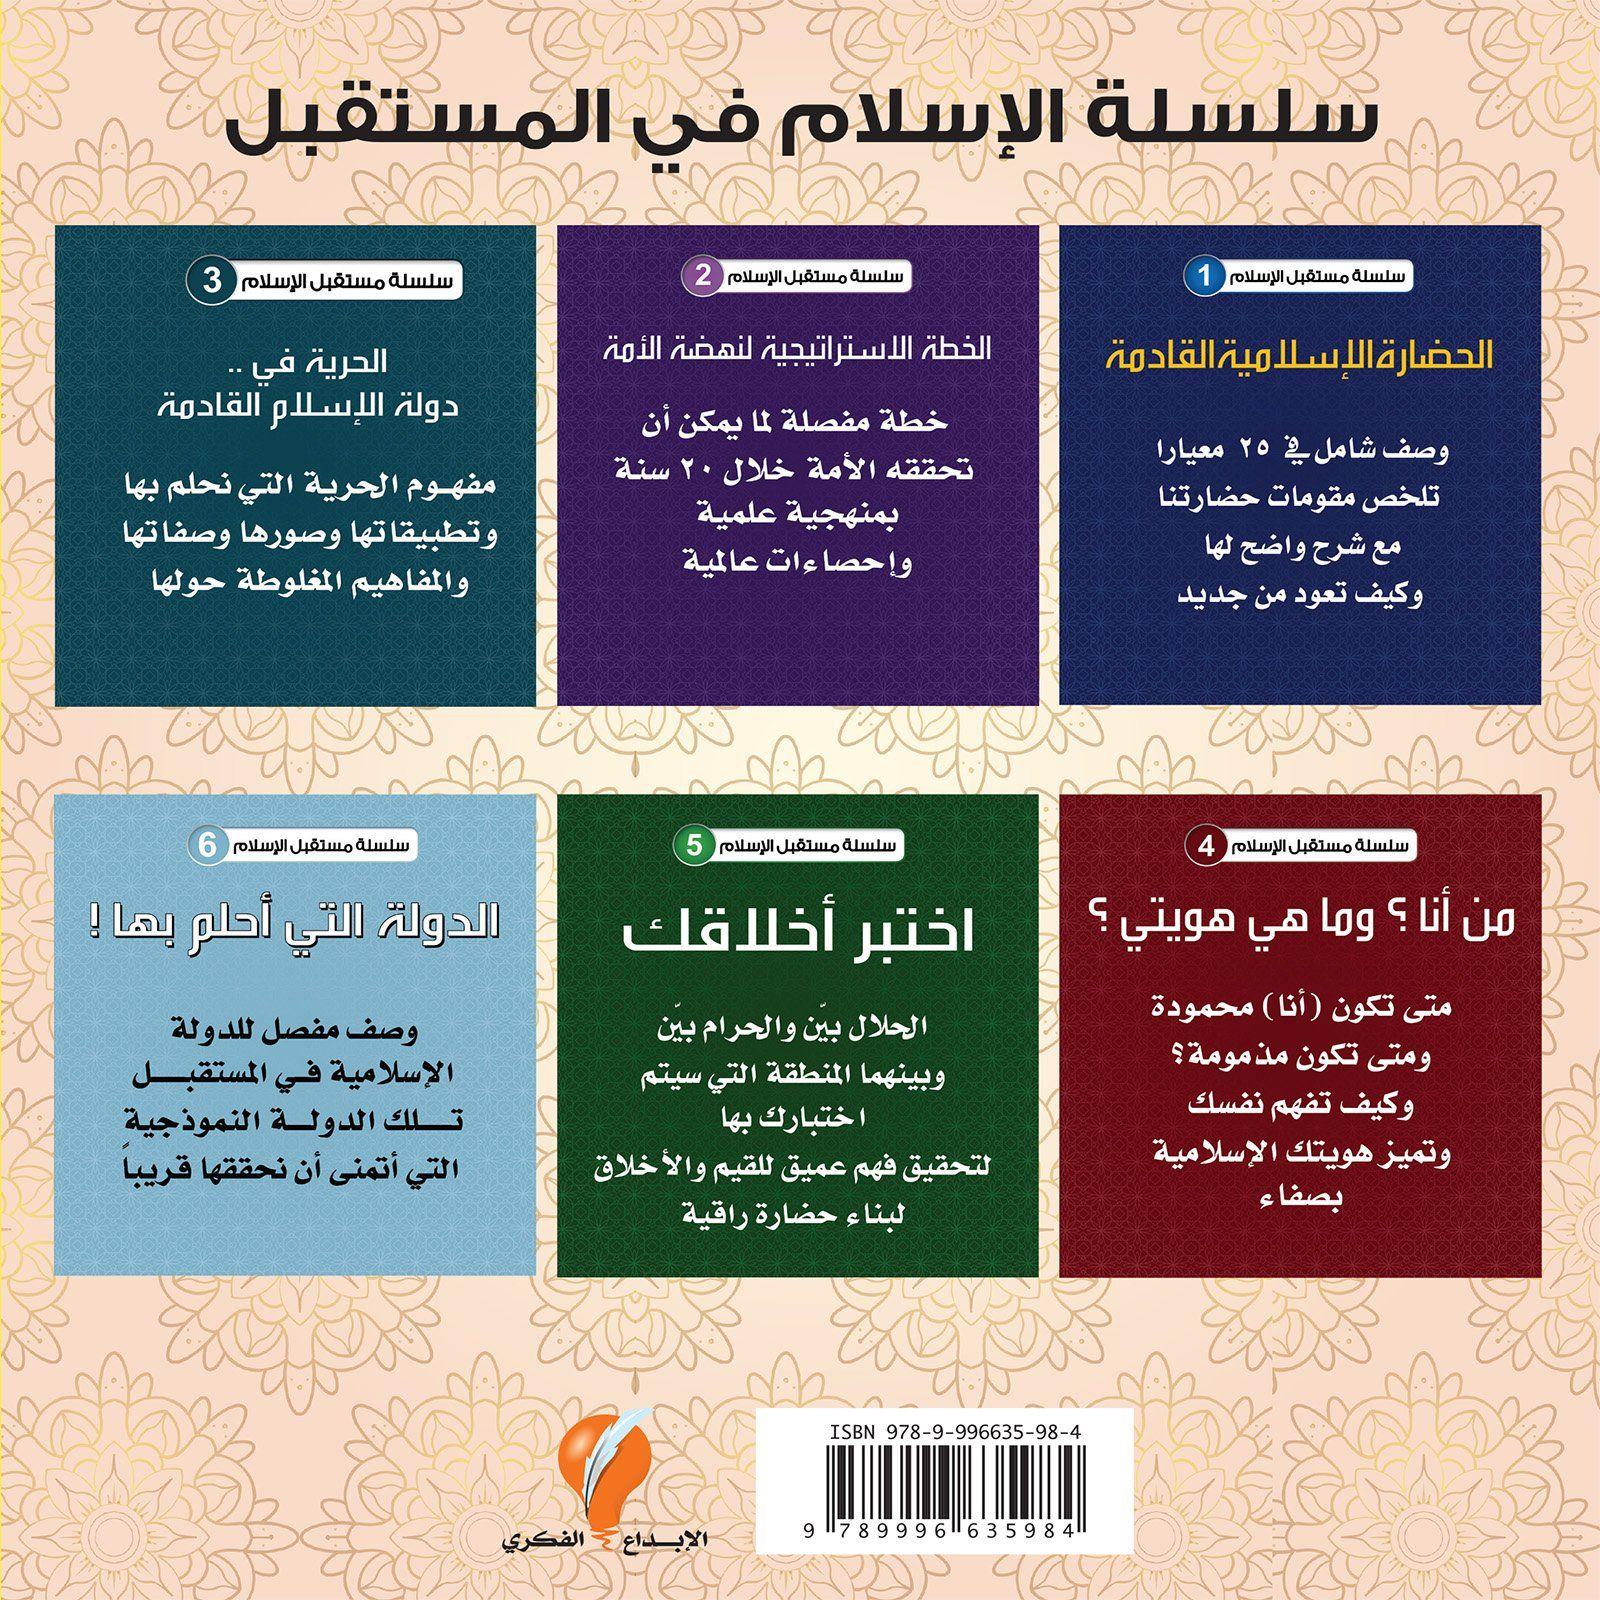 مستقبل الإسلام Dr Tareq Alsuwaidan د طارق السويدان 9789996635984 Amazon Com Books Periodic Table Iga